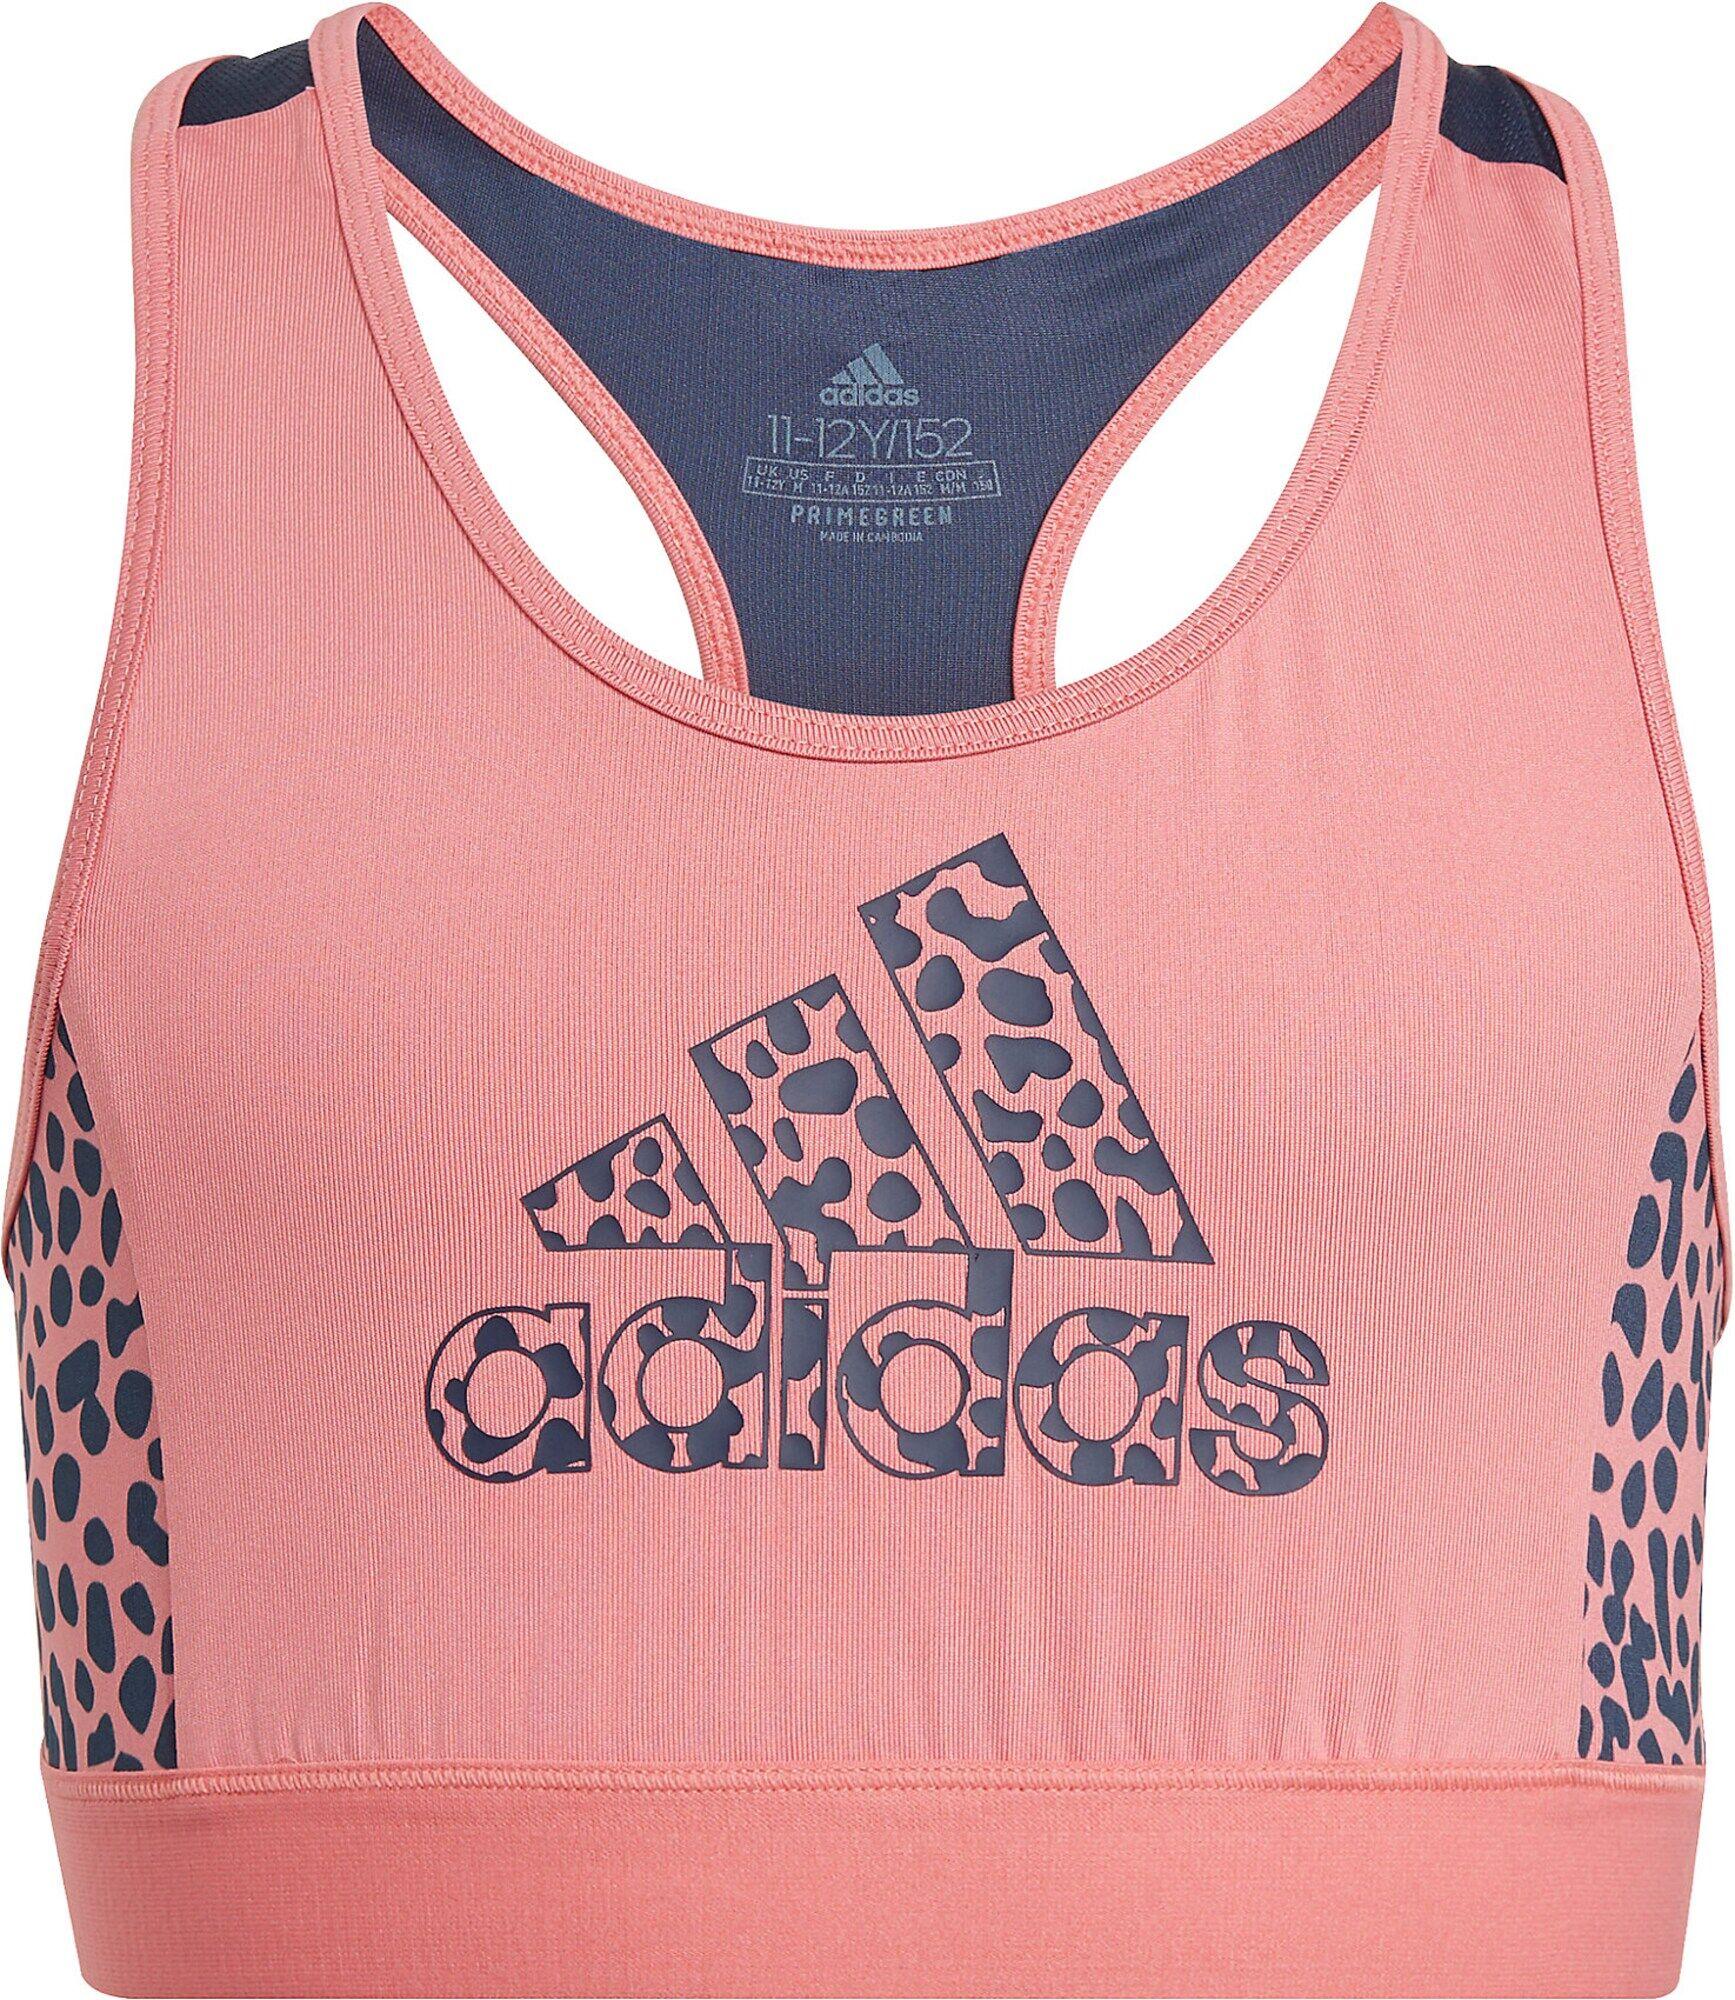 ADIDAS PERFORMANCE Sous-vêtements de sport  - Rose - Taille: 128 - girl